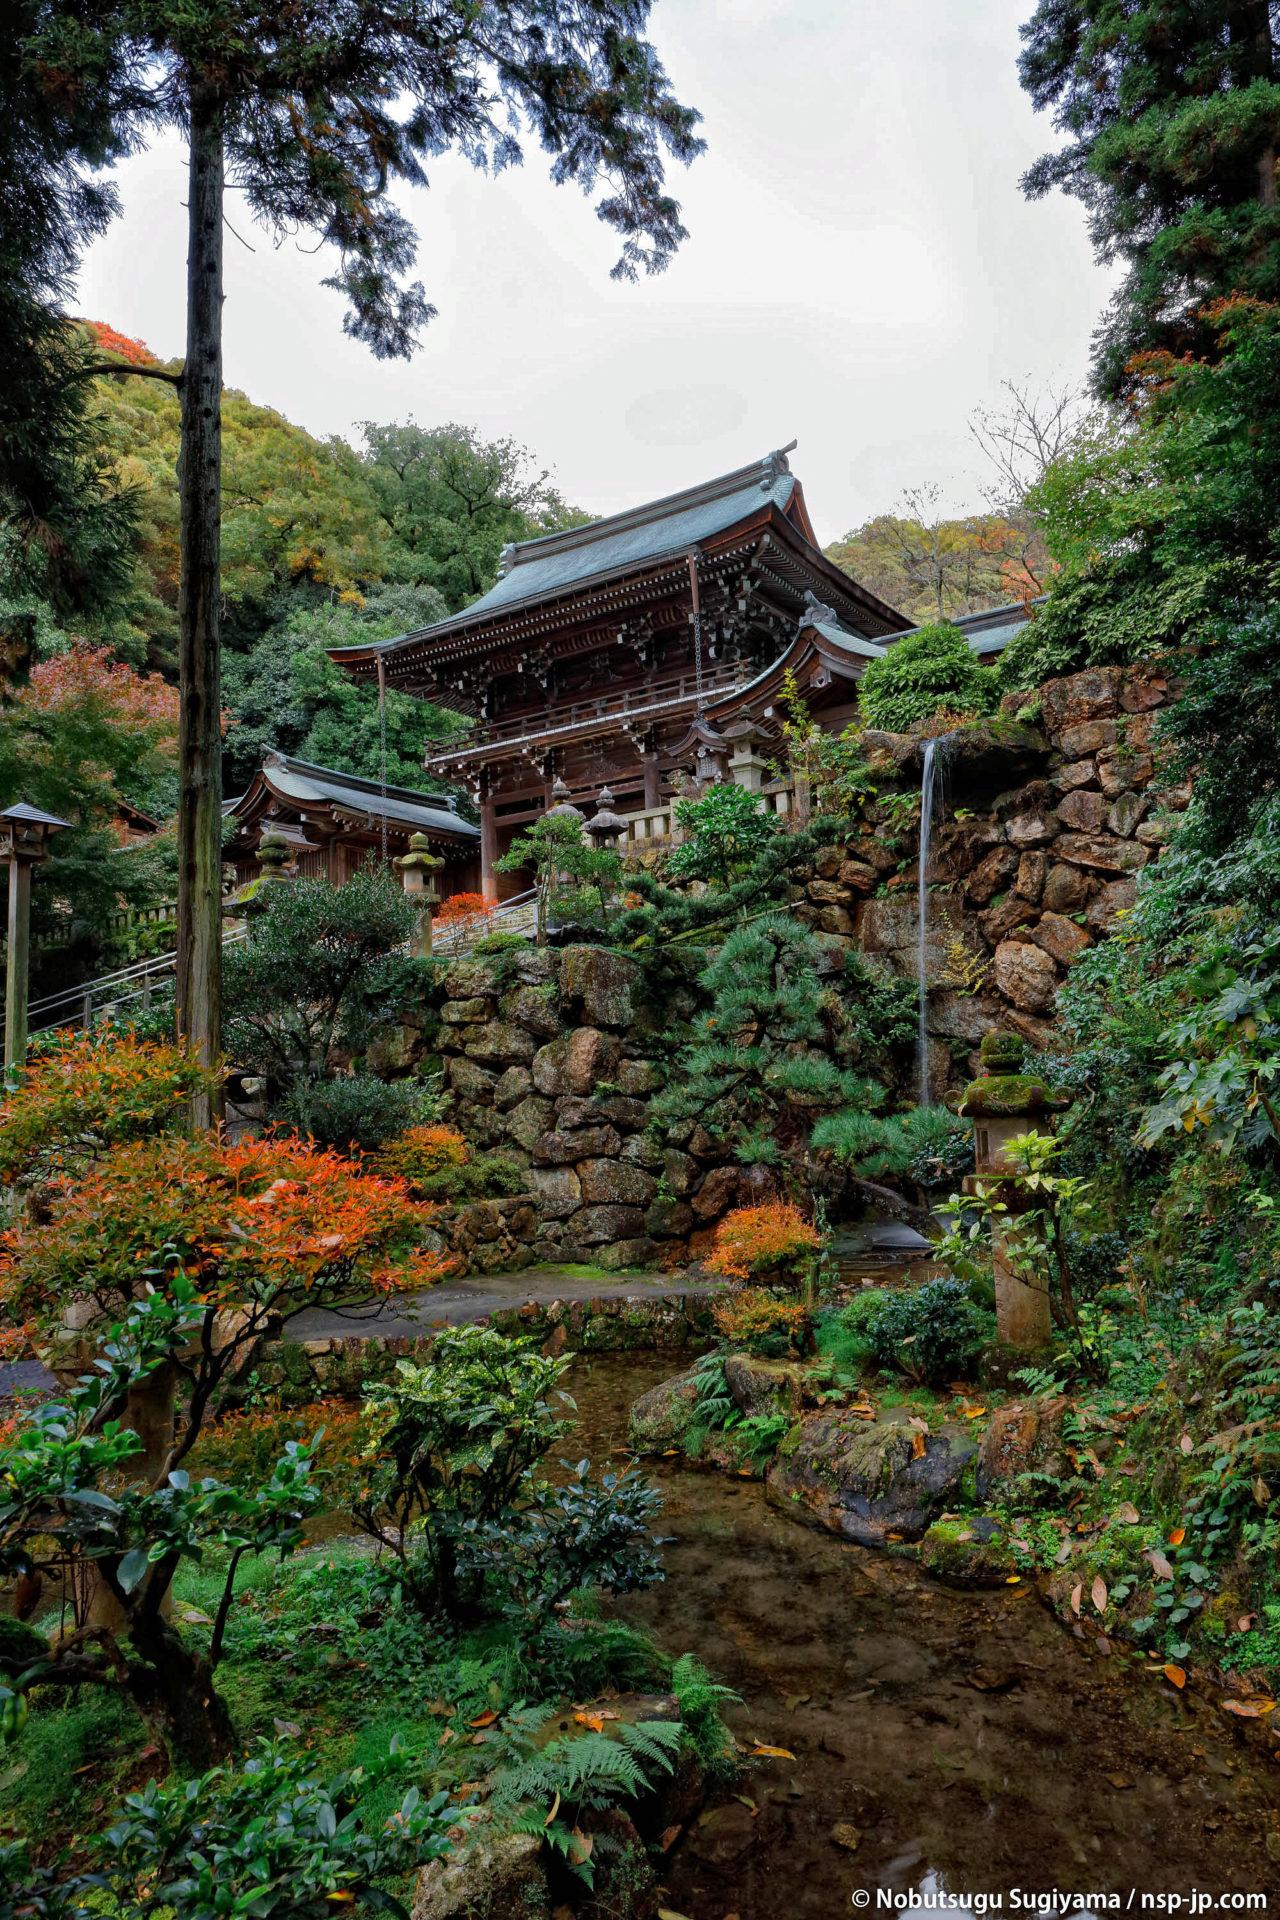 伊奈波神社-神滝から楼門を望む | 岐阜 故郷巡礼 by 杉山宣嗣